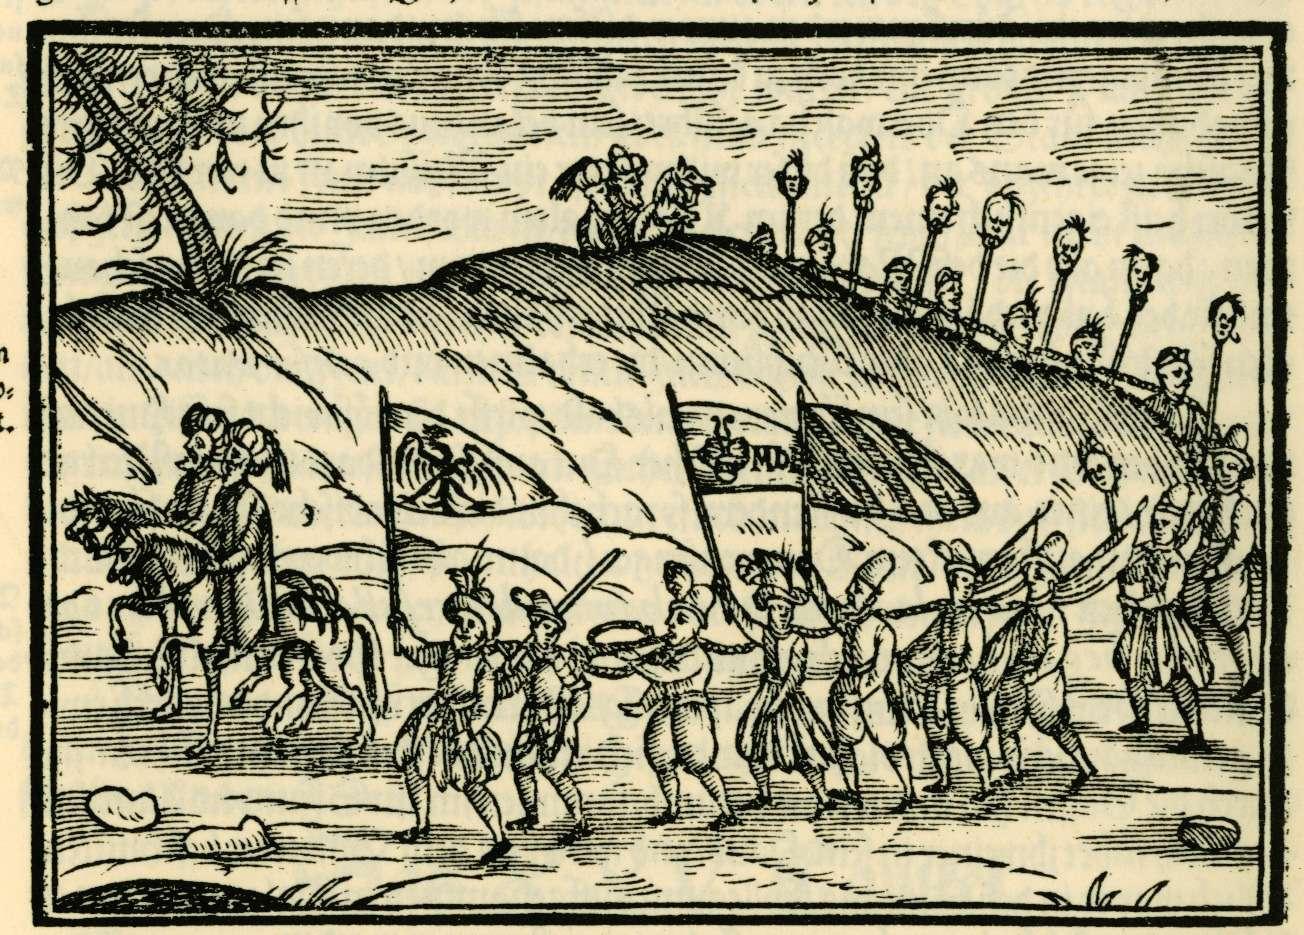 Οθωμανοί με Χριστιανούς σκλάβους. Ottomans with Christian slaves depicted in a 1608 engraving published in Salomon Schweigger's account of a 1578 journey.